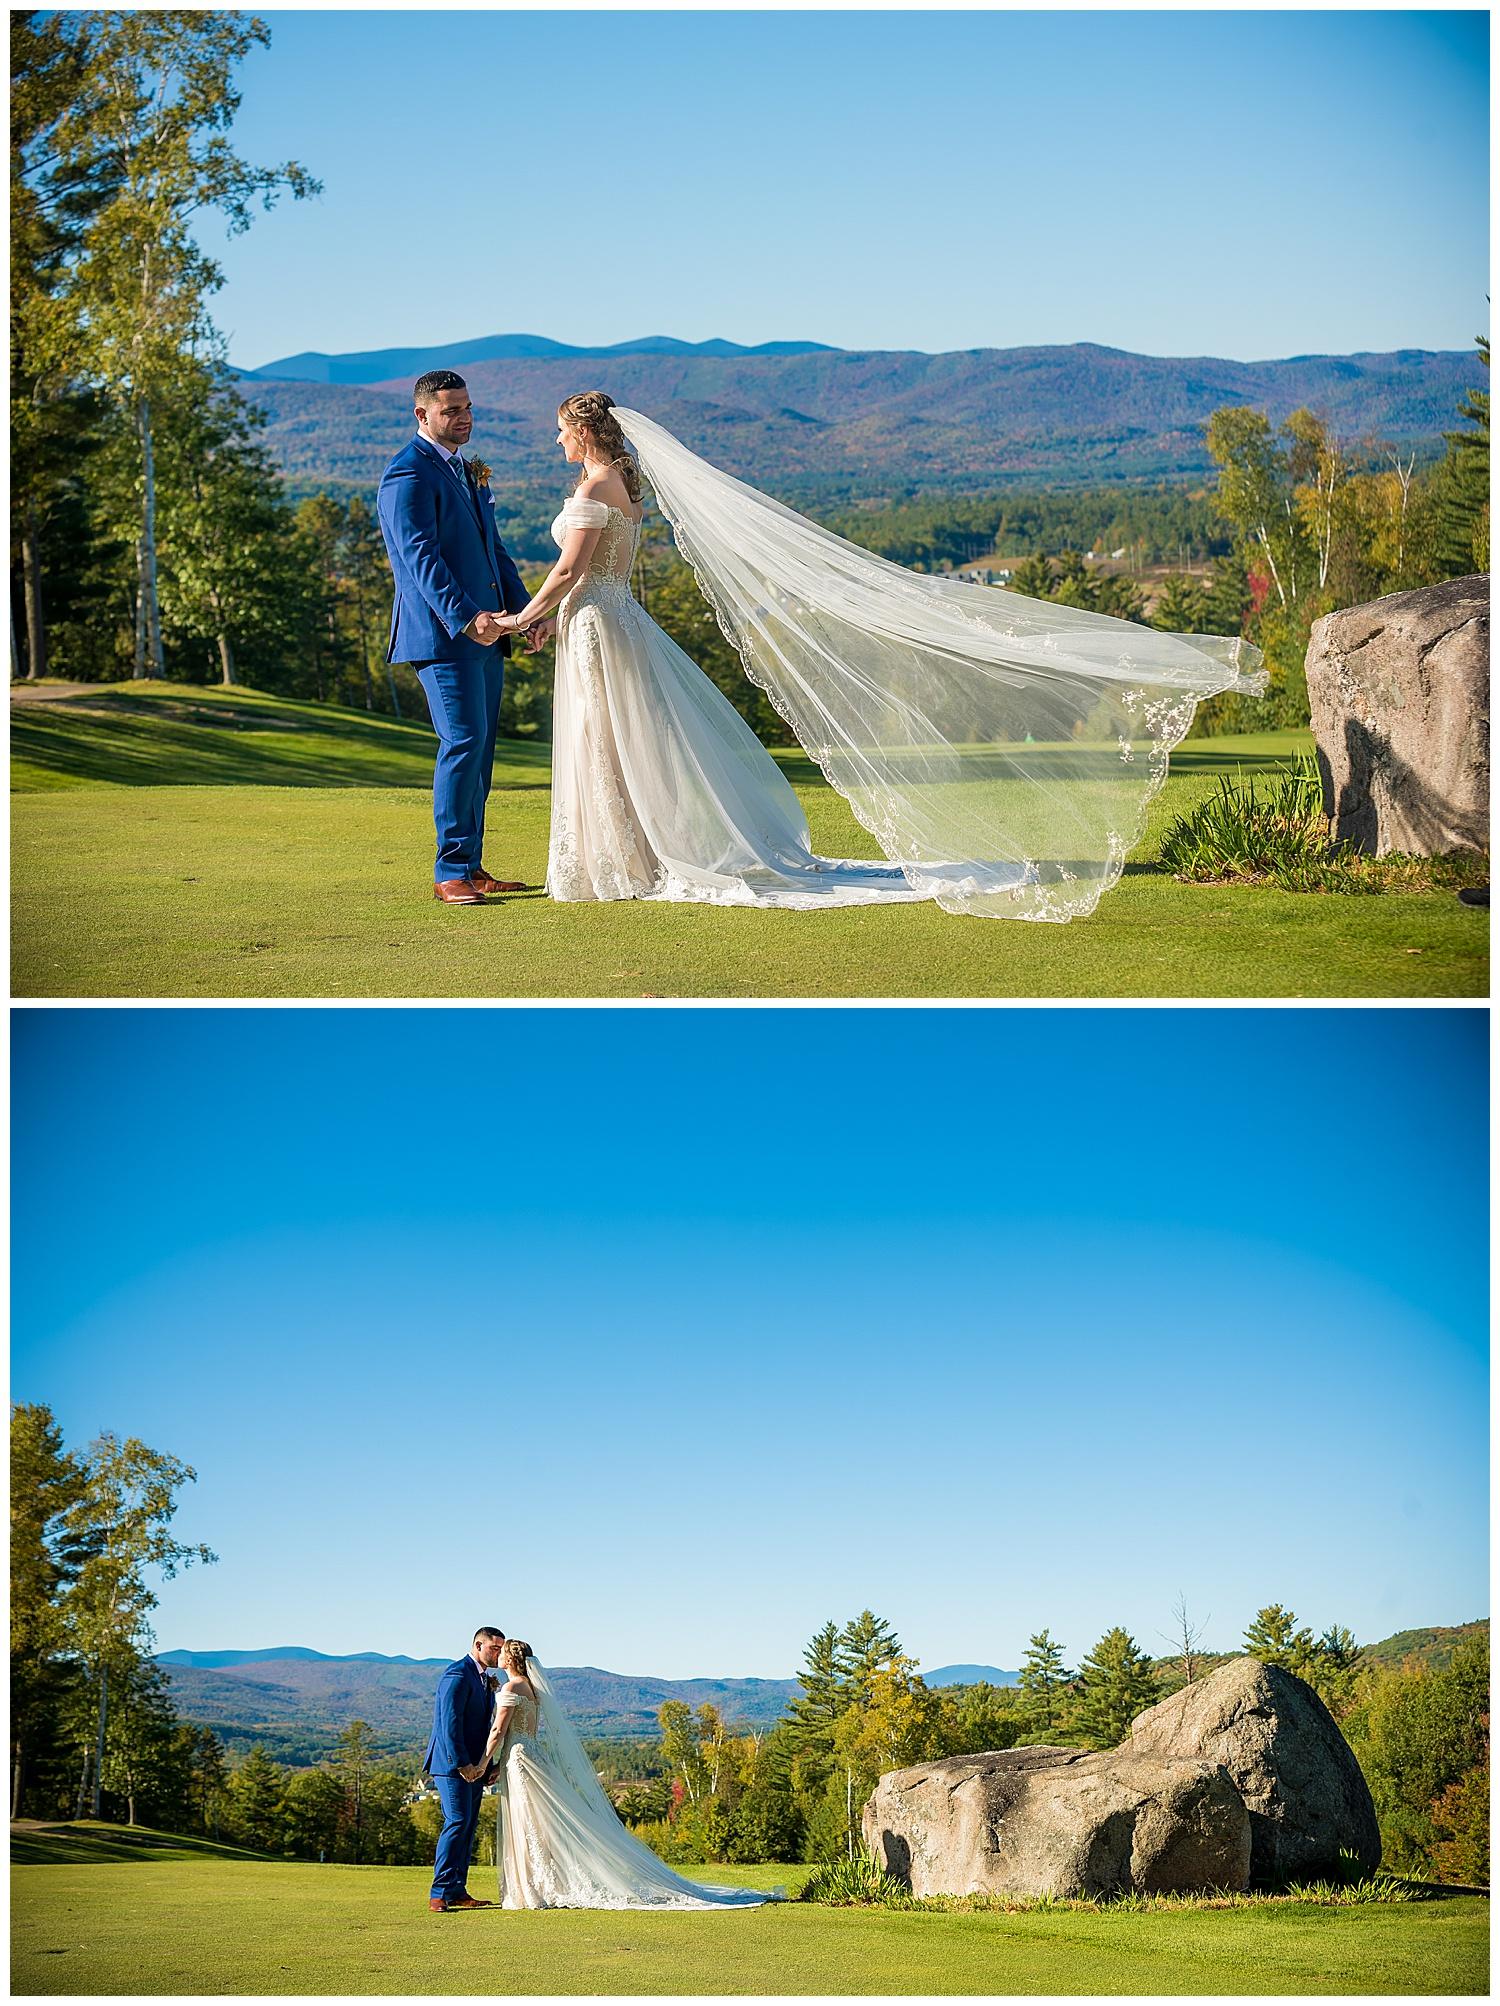 Owl's Nest White Mountain Wedding - Bride & Groom Mountain View Portraits